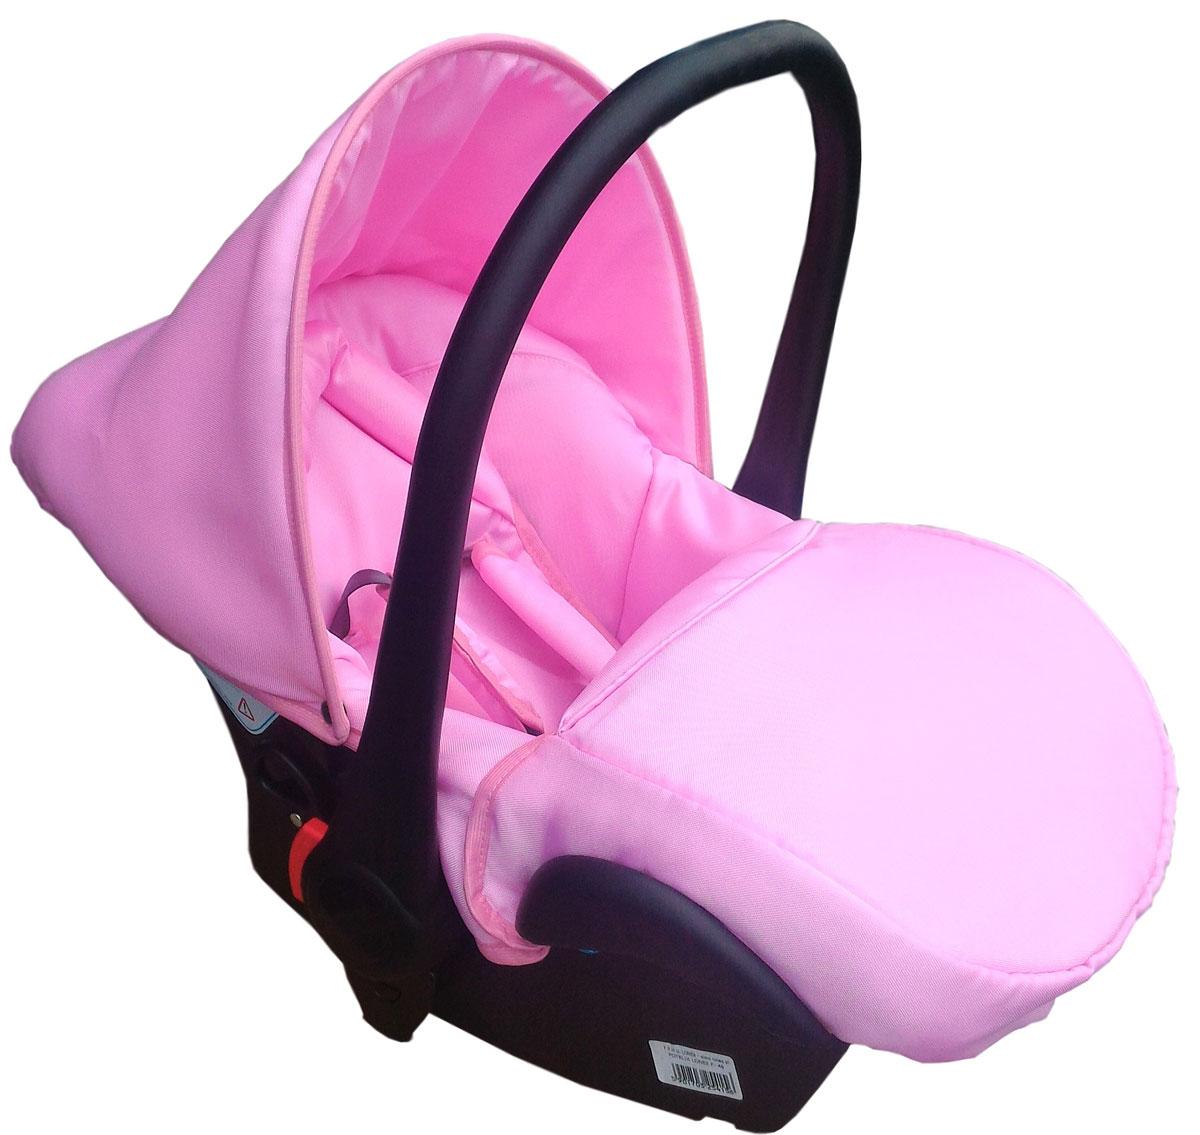 Lonex Автокресло цвет светло-розовый от 0 до 13 кг F-46F-46Очень лёгкоеавтокресло Lonexподойдет для любого автомобиля.Для малышей до 1 года (от 0 до 13 кг (группа 0+). Анатомическая подушечка создает комфорт малышу. Отстегивающийся козырек защитит ребенка от солнца, а теплая накидка на ножки обеспечит комфорт в прохладную погоду. Возможно установка горизонтального положения спинки. В кресле для малышей существует три надежных ремня безопасности со специальными накладками, которые не будут натирать нежную кожу ребенка. Данное автокресло возможно установить на все шасси колясок Lonex 2 в 1.